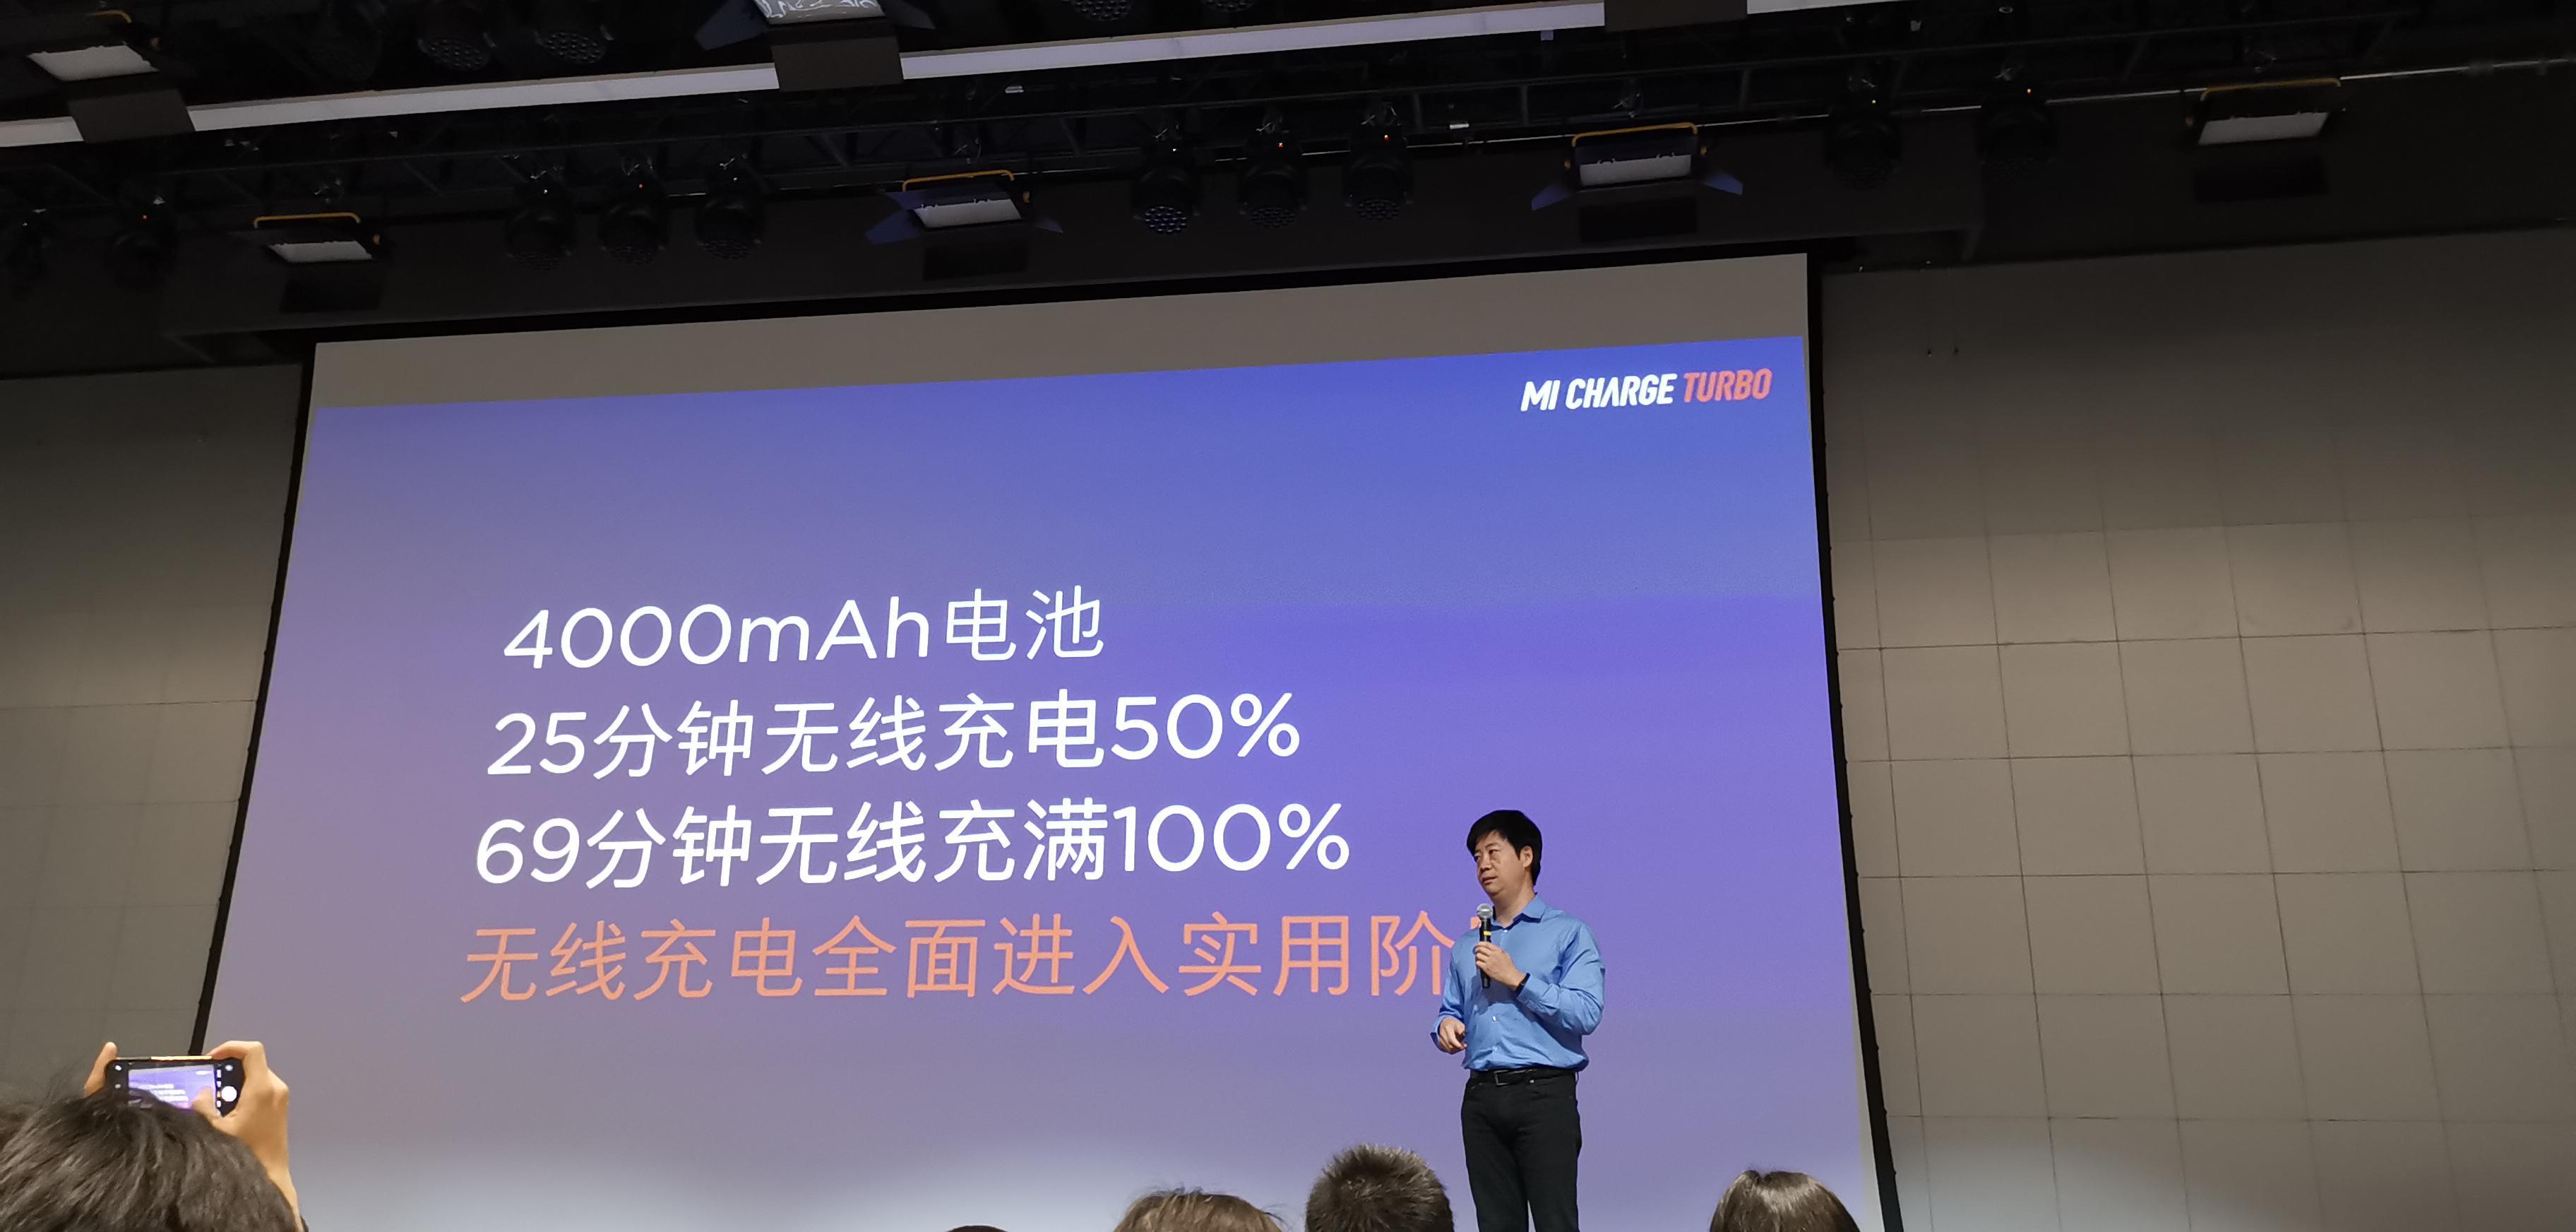 小米发布 30W 无线闪充技术无线充电进入实用阶段